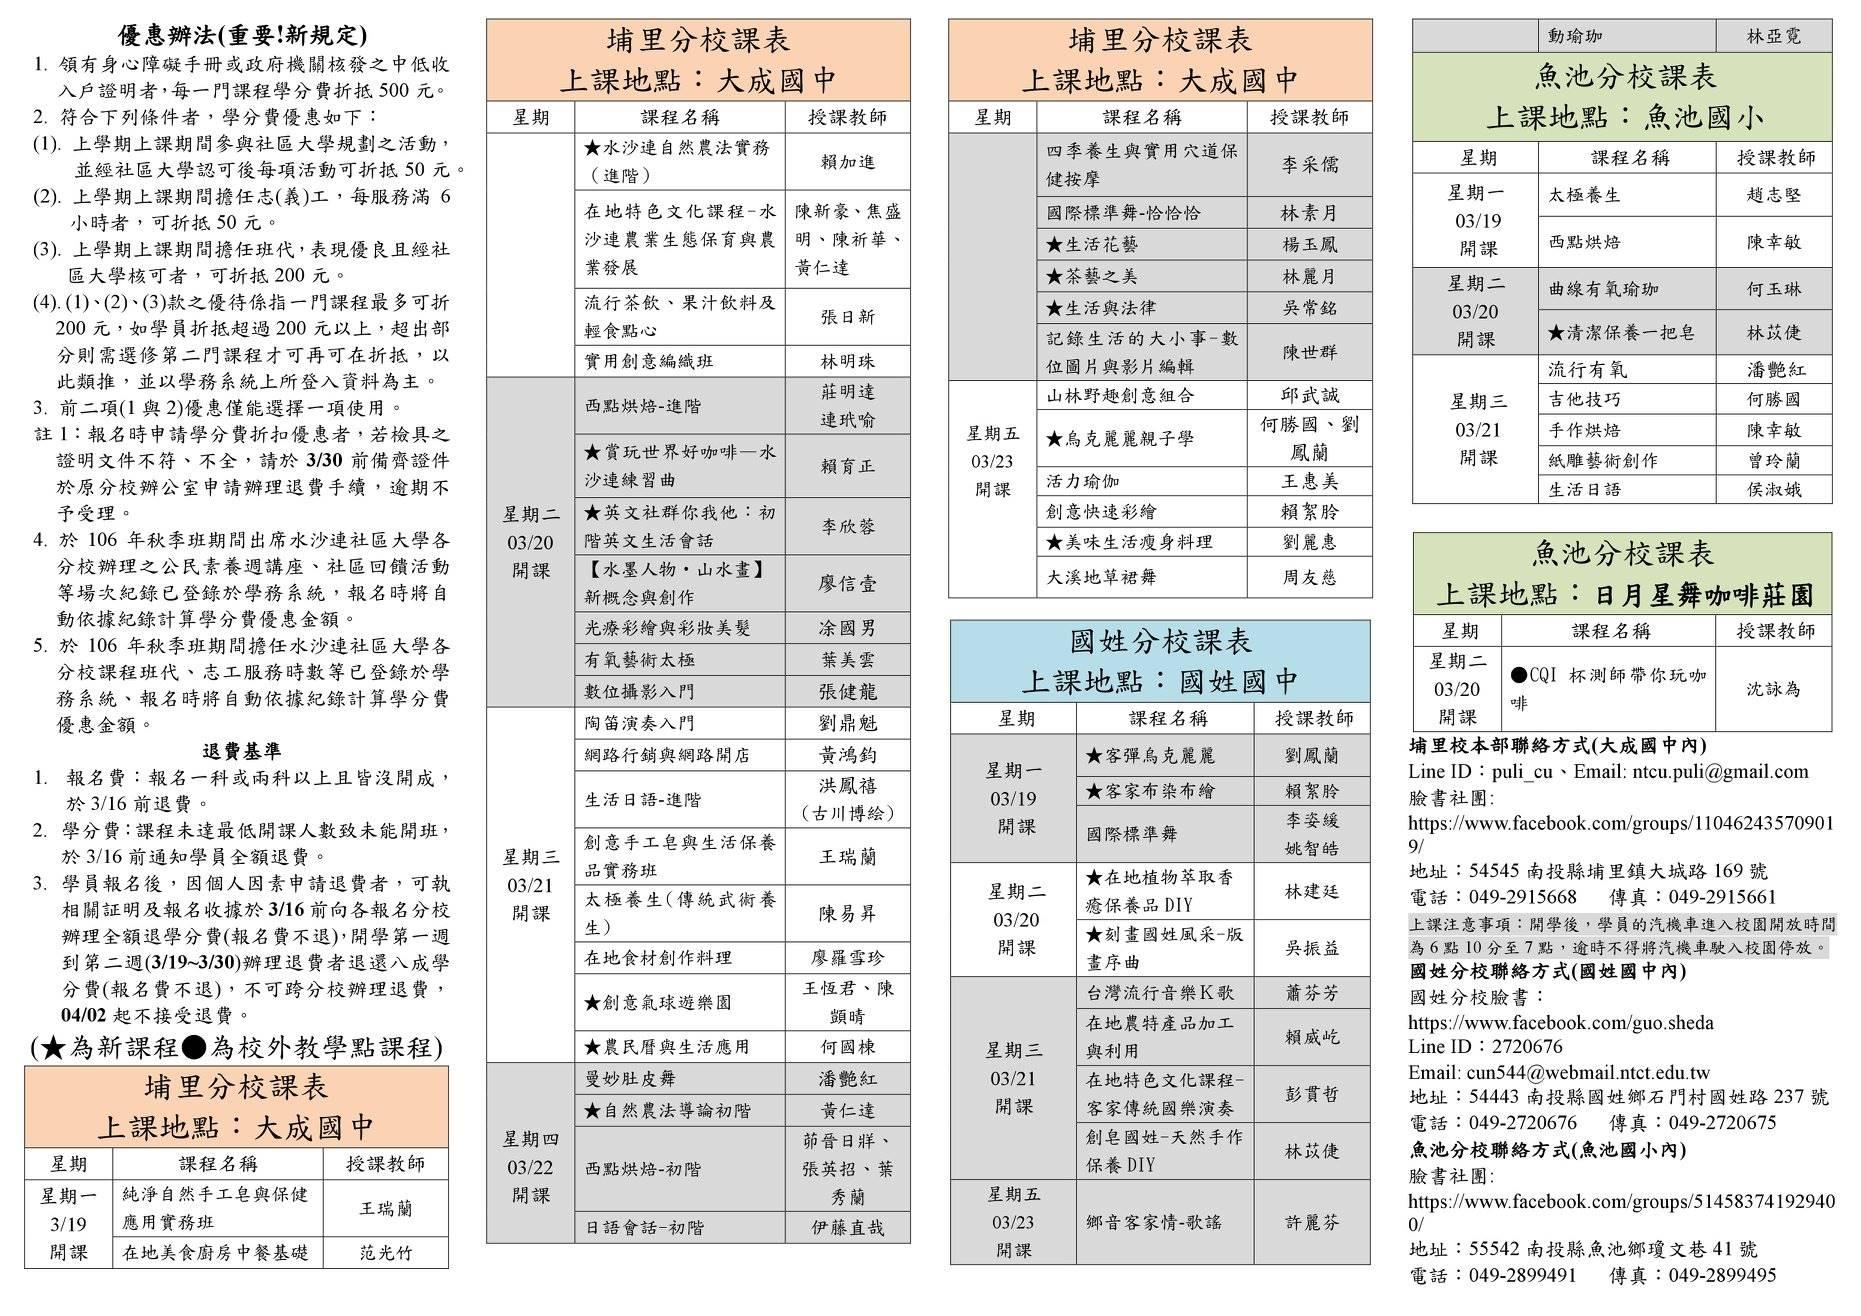 水沙連社區大學(埔里、國姓、魚池)107年春季班簡章第二頁